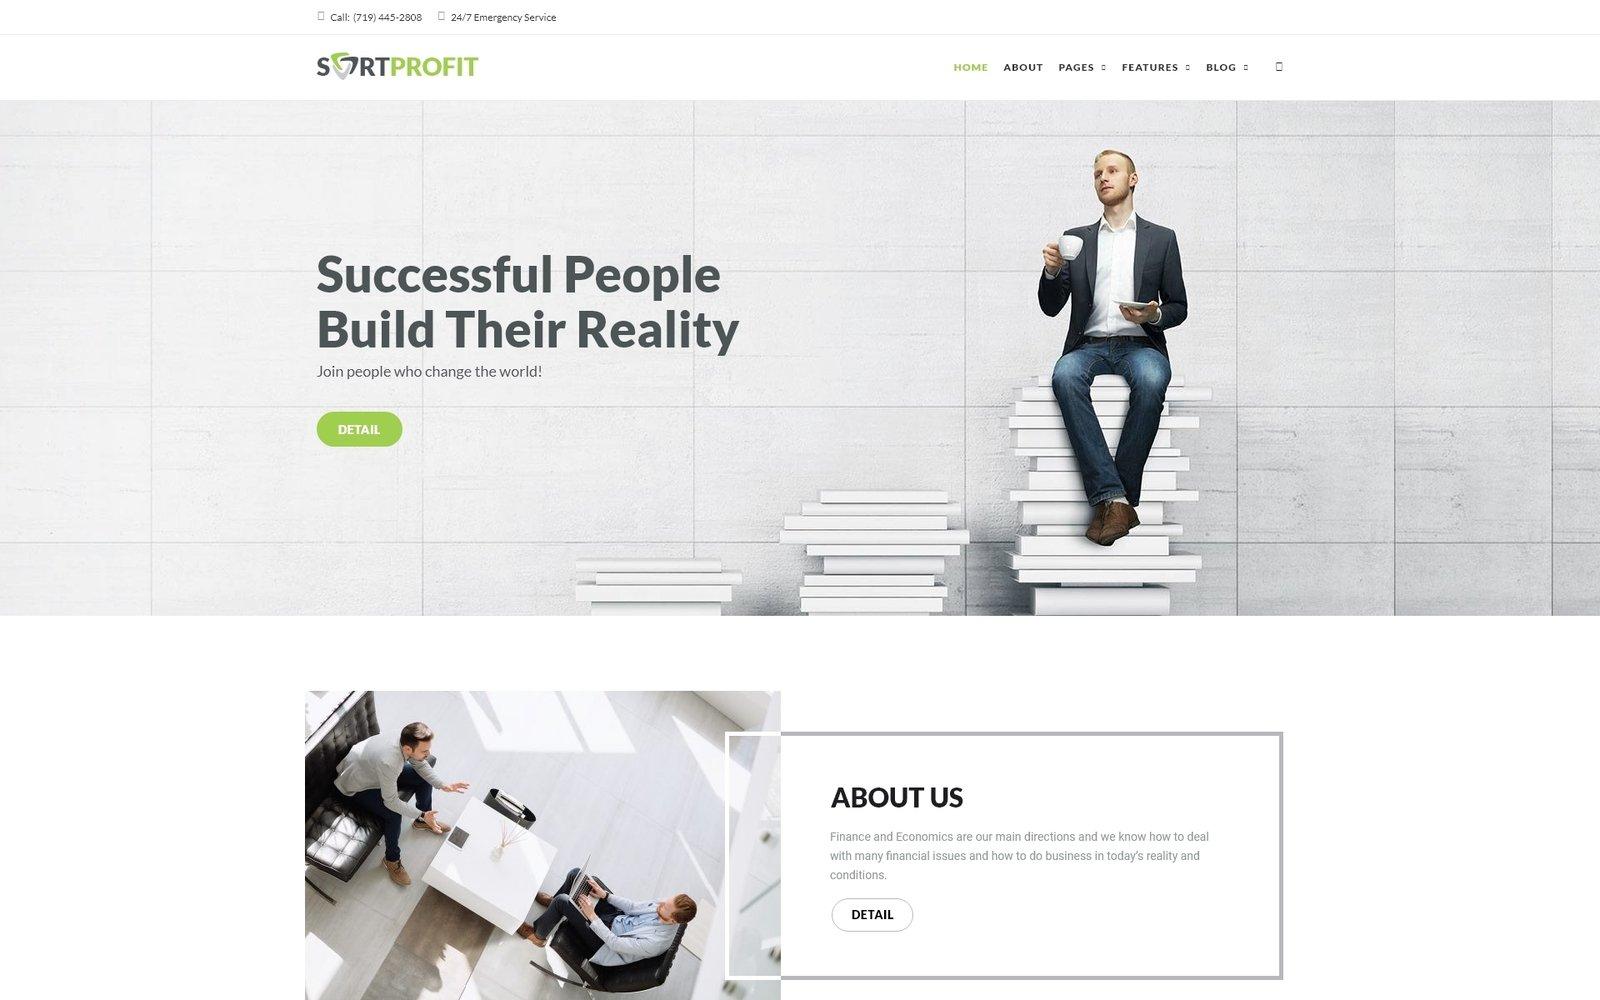 Reszponzív SortProfit - Business & Finance WordPress Theme WordPress sablon 65113 - képernyőkép